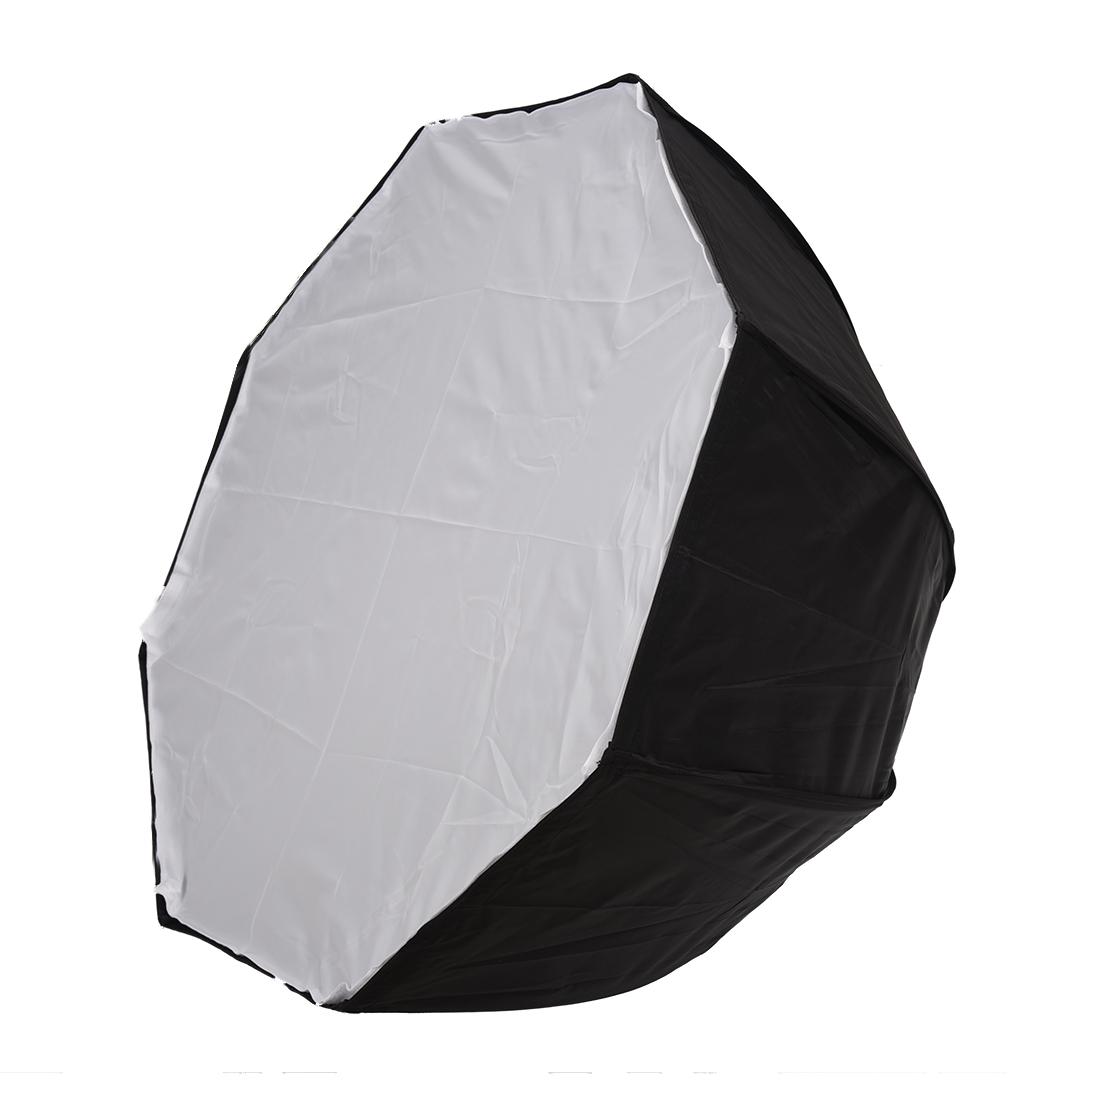 Umbrella Into Softbox: WS 5X 80cm/31.5in Softbox Umbrella/Reflector/Diffuser For